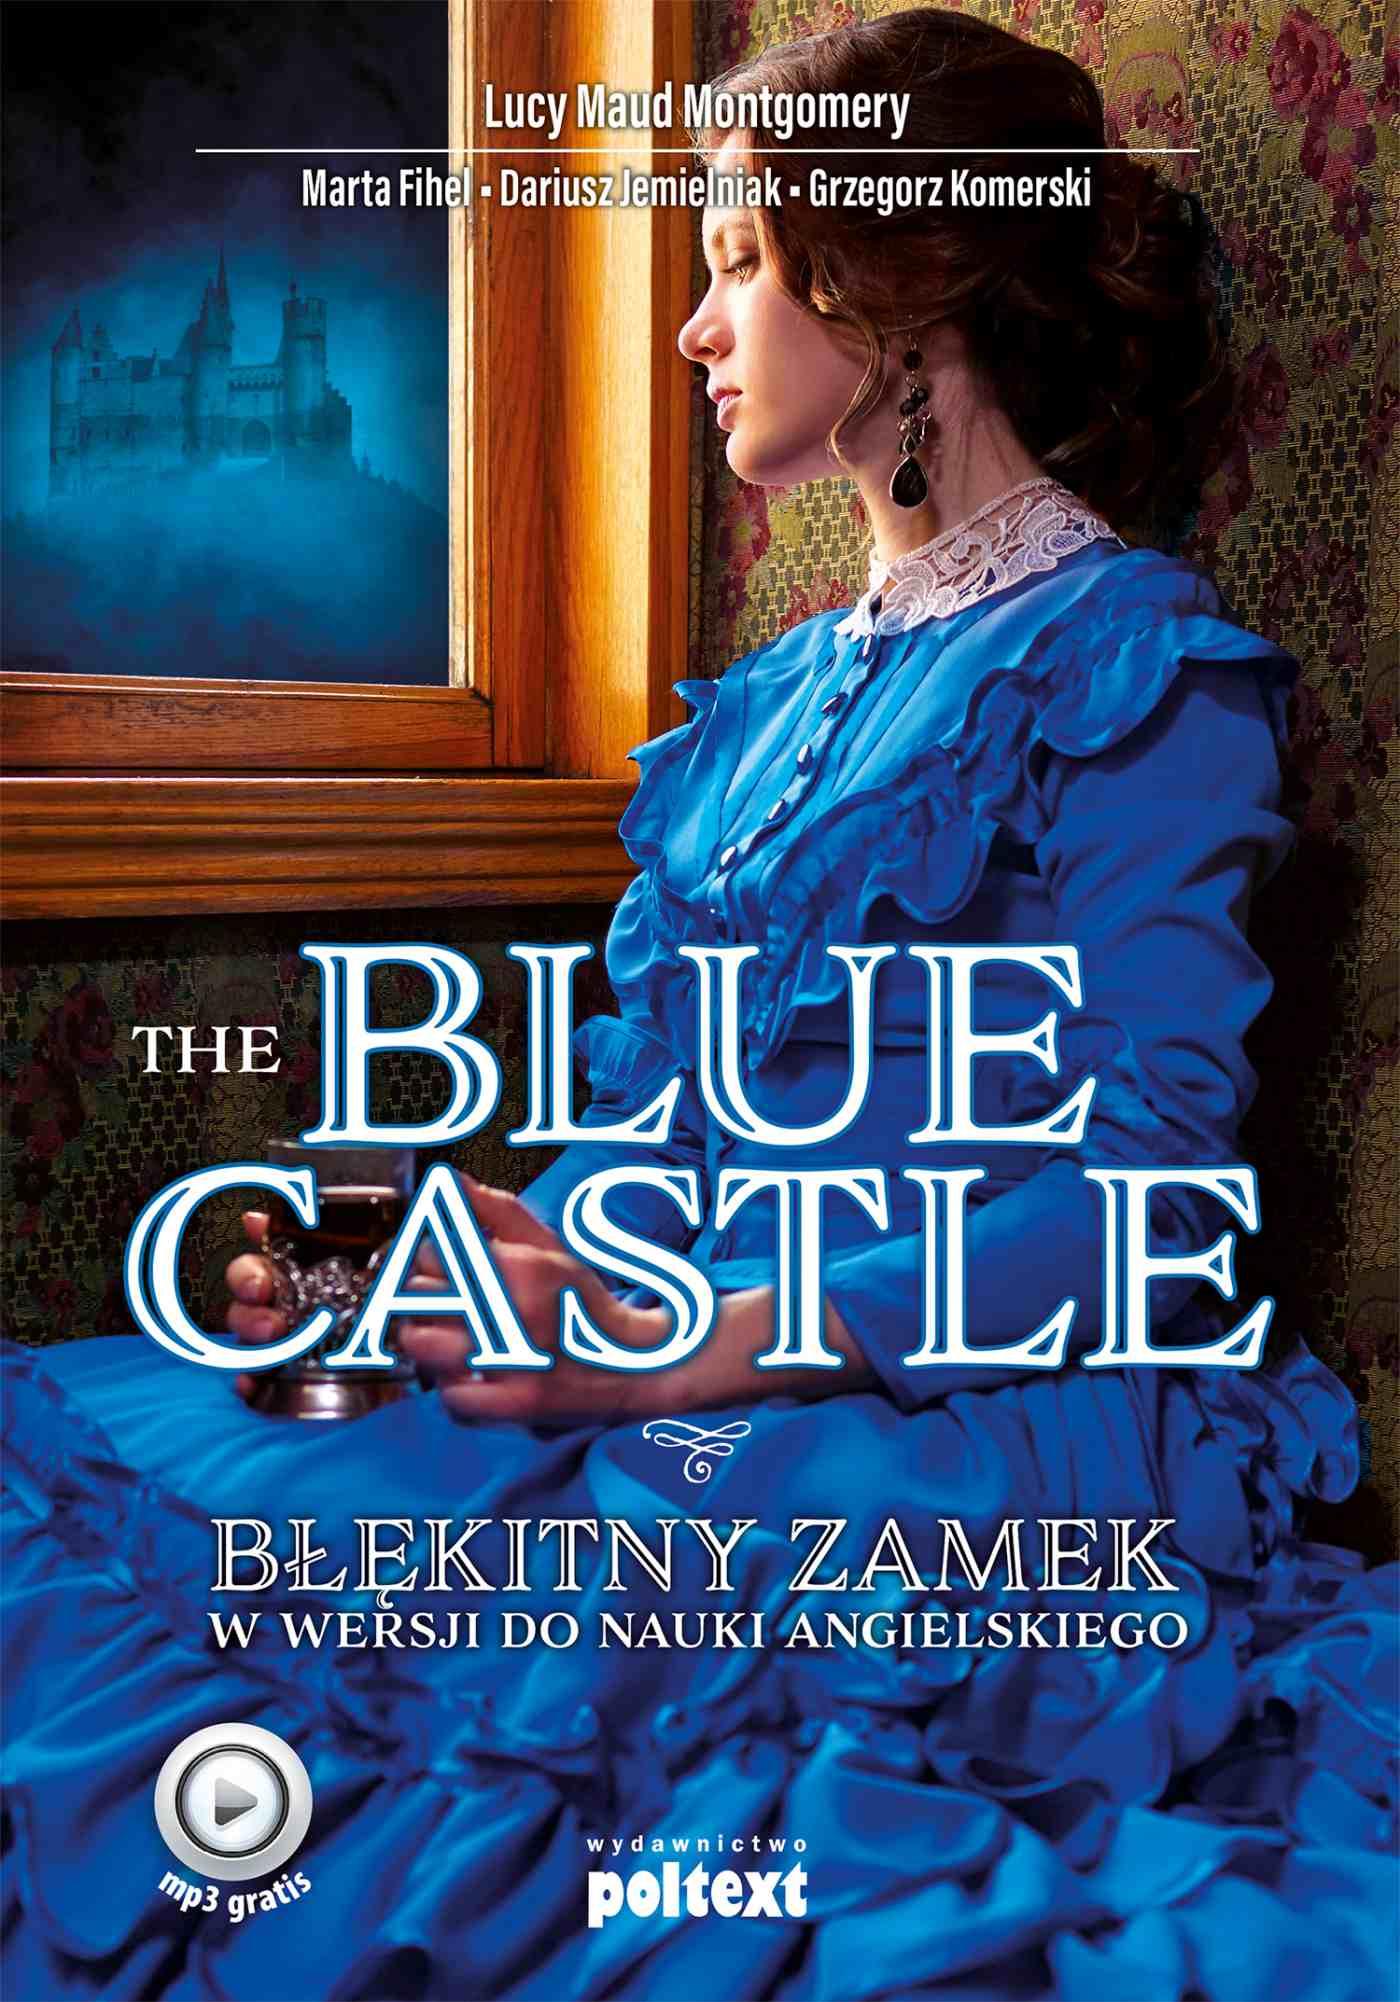 The Blue Castle. Błękitny zamek w wersji do nauki angielskiego - Ebook (Książka na Kindle) do pobrania w formacie MOBI